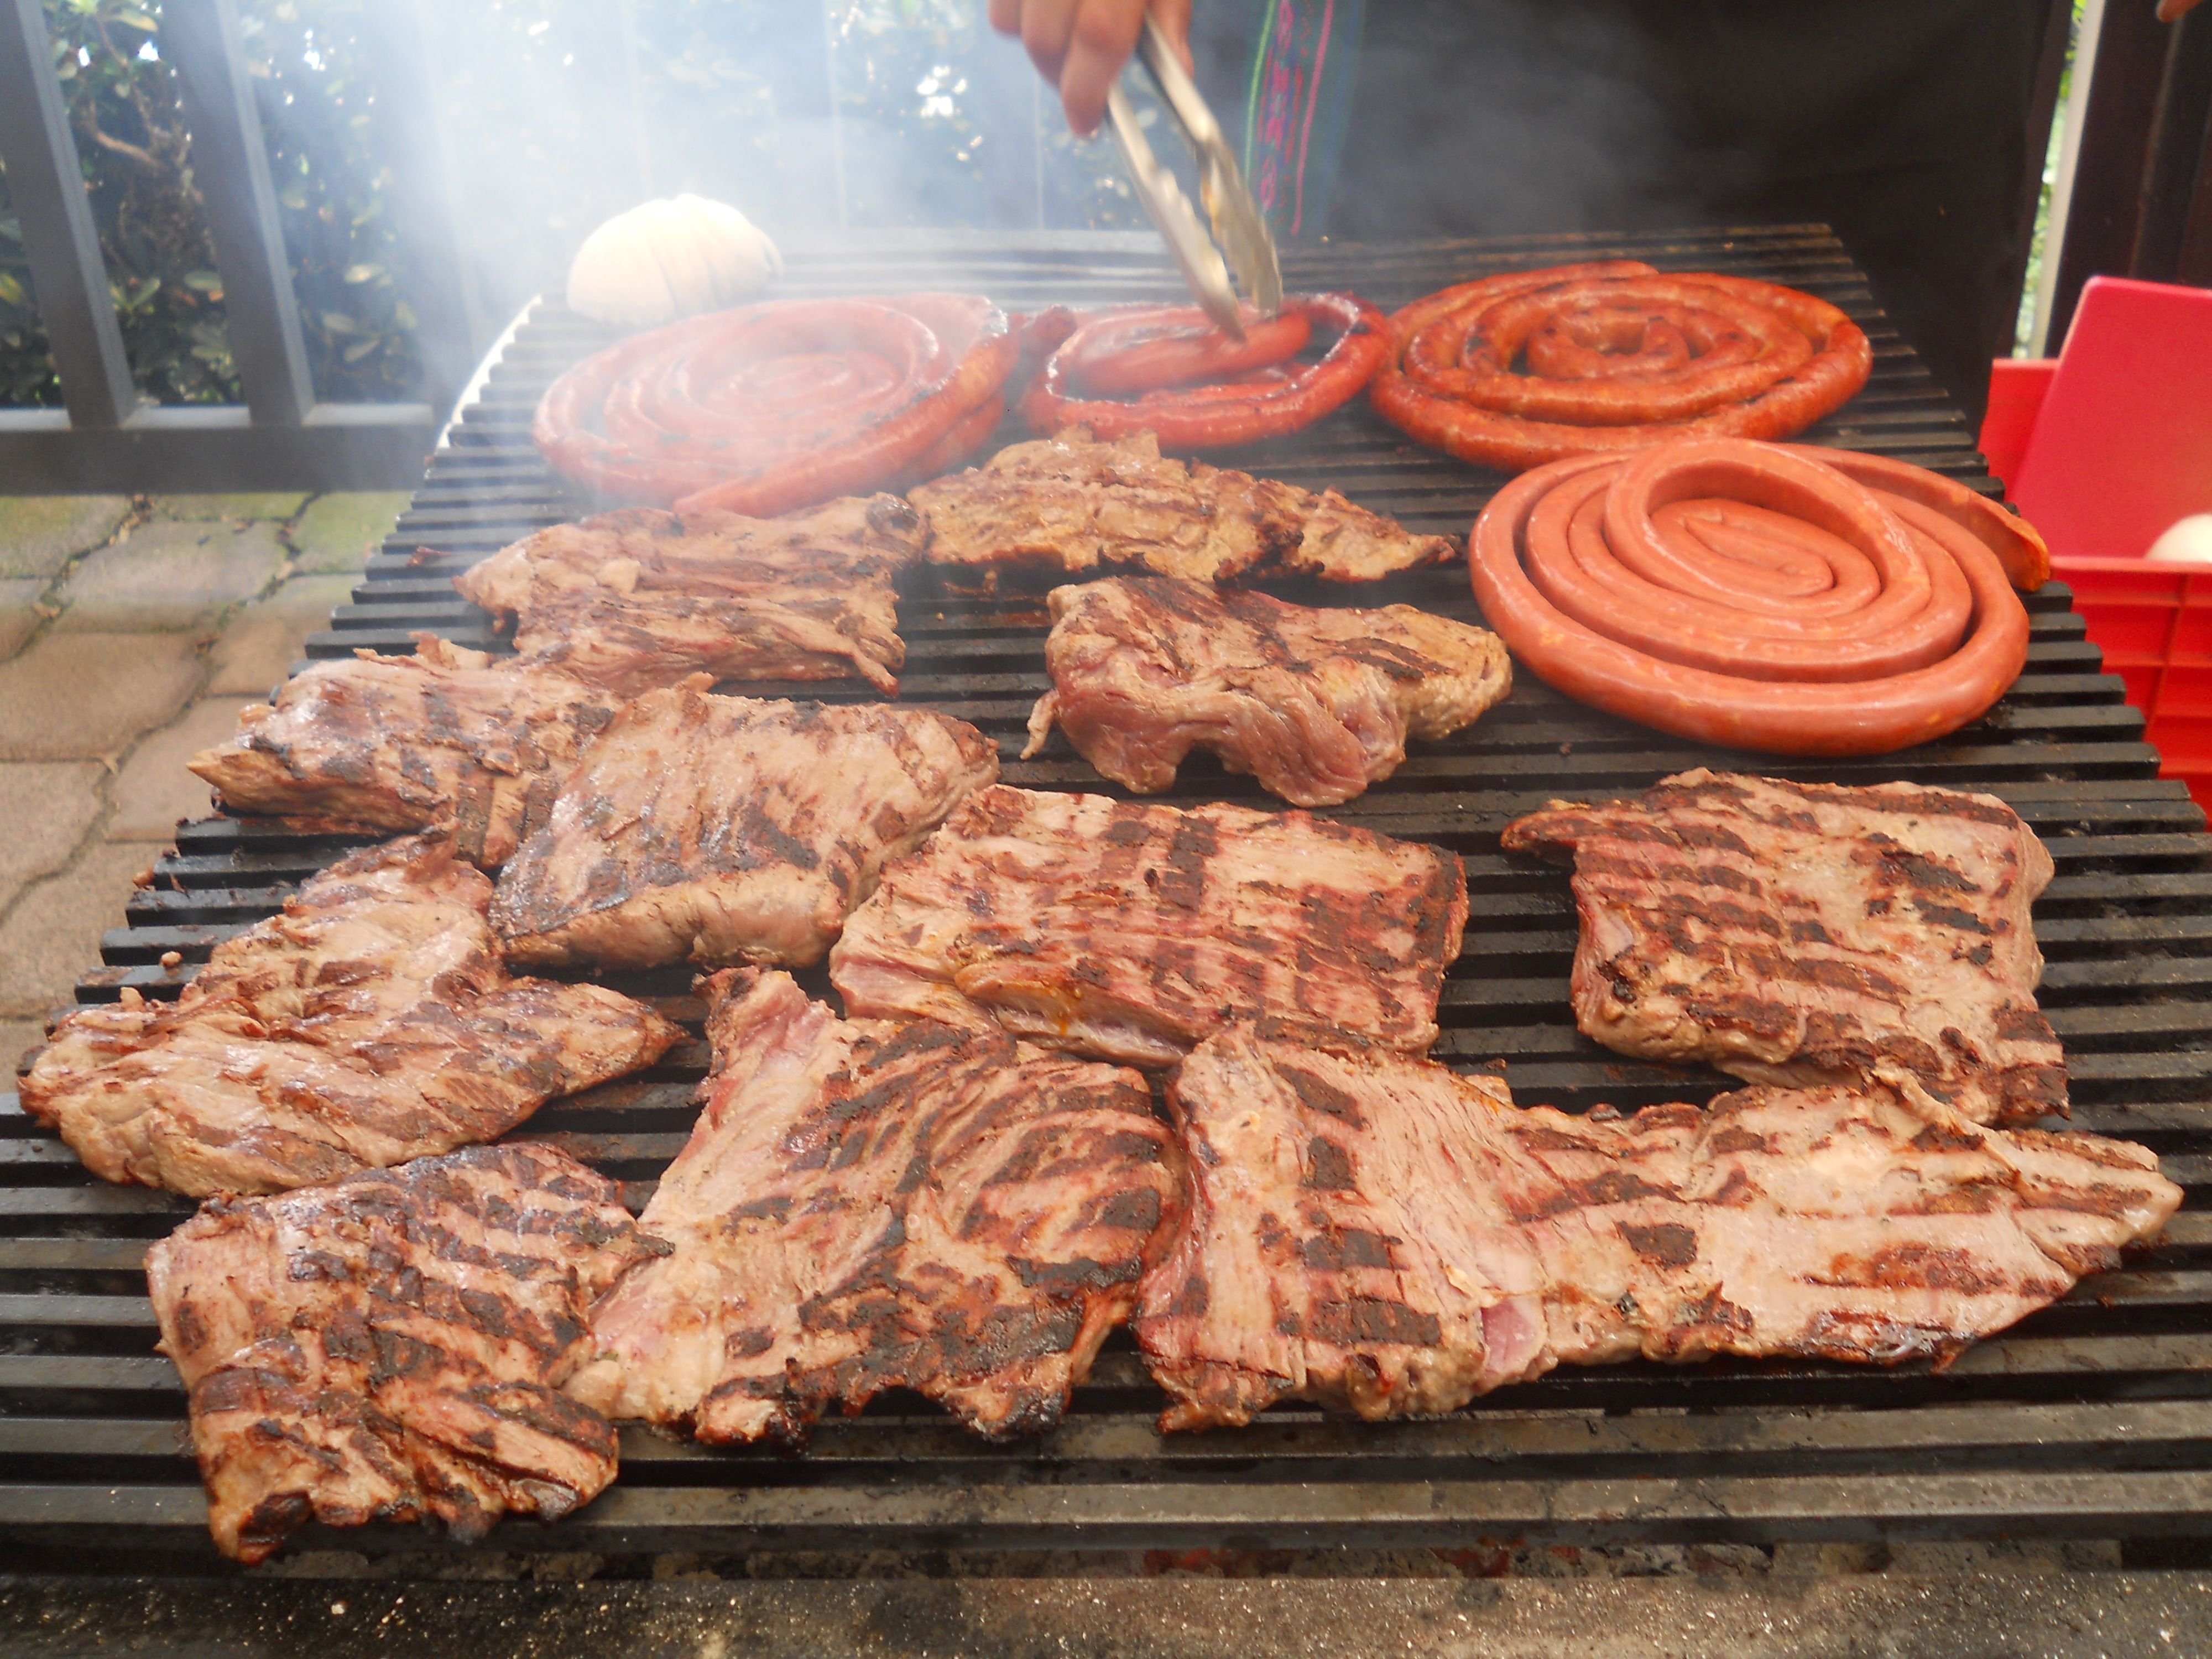 En esta temporada de calor te recomendamos UNA PARRILLADA para festejar contamos con 10 exquisitas variedades www.tacoselcipres.com.mx